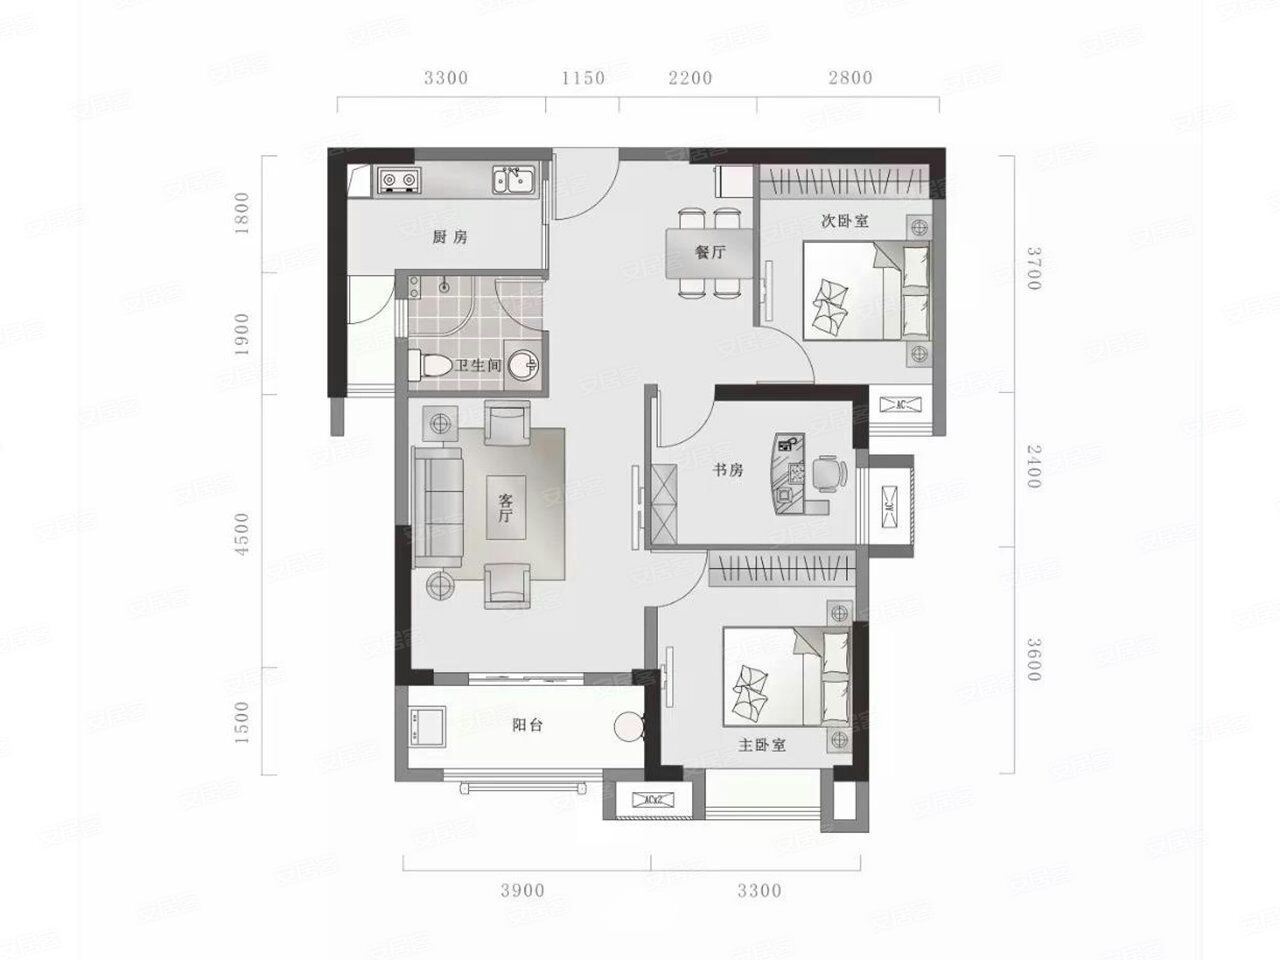 求改造设计,客厅与餐厅错位空间显得特别小,求师傅怎么样改进一下客厅与餐厅的空间